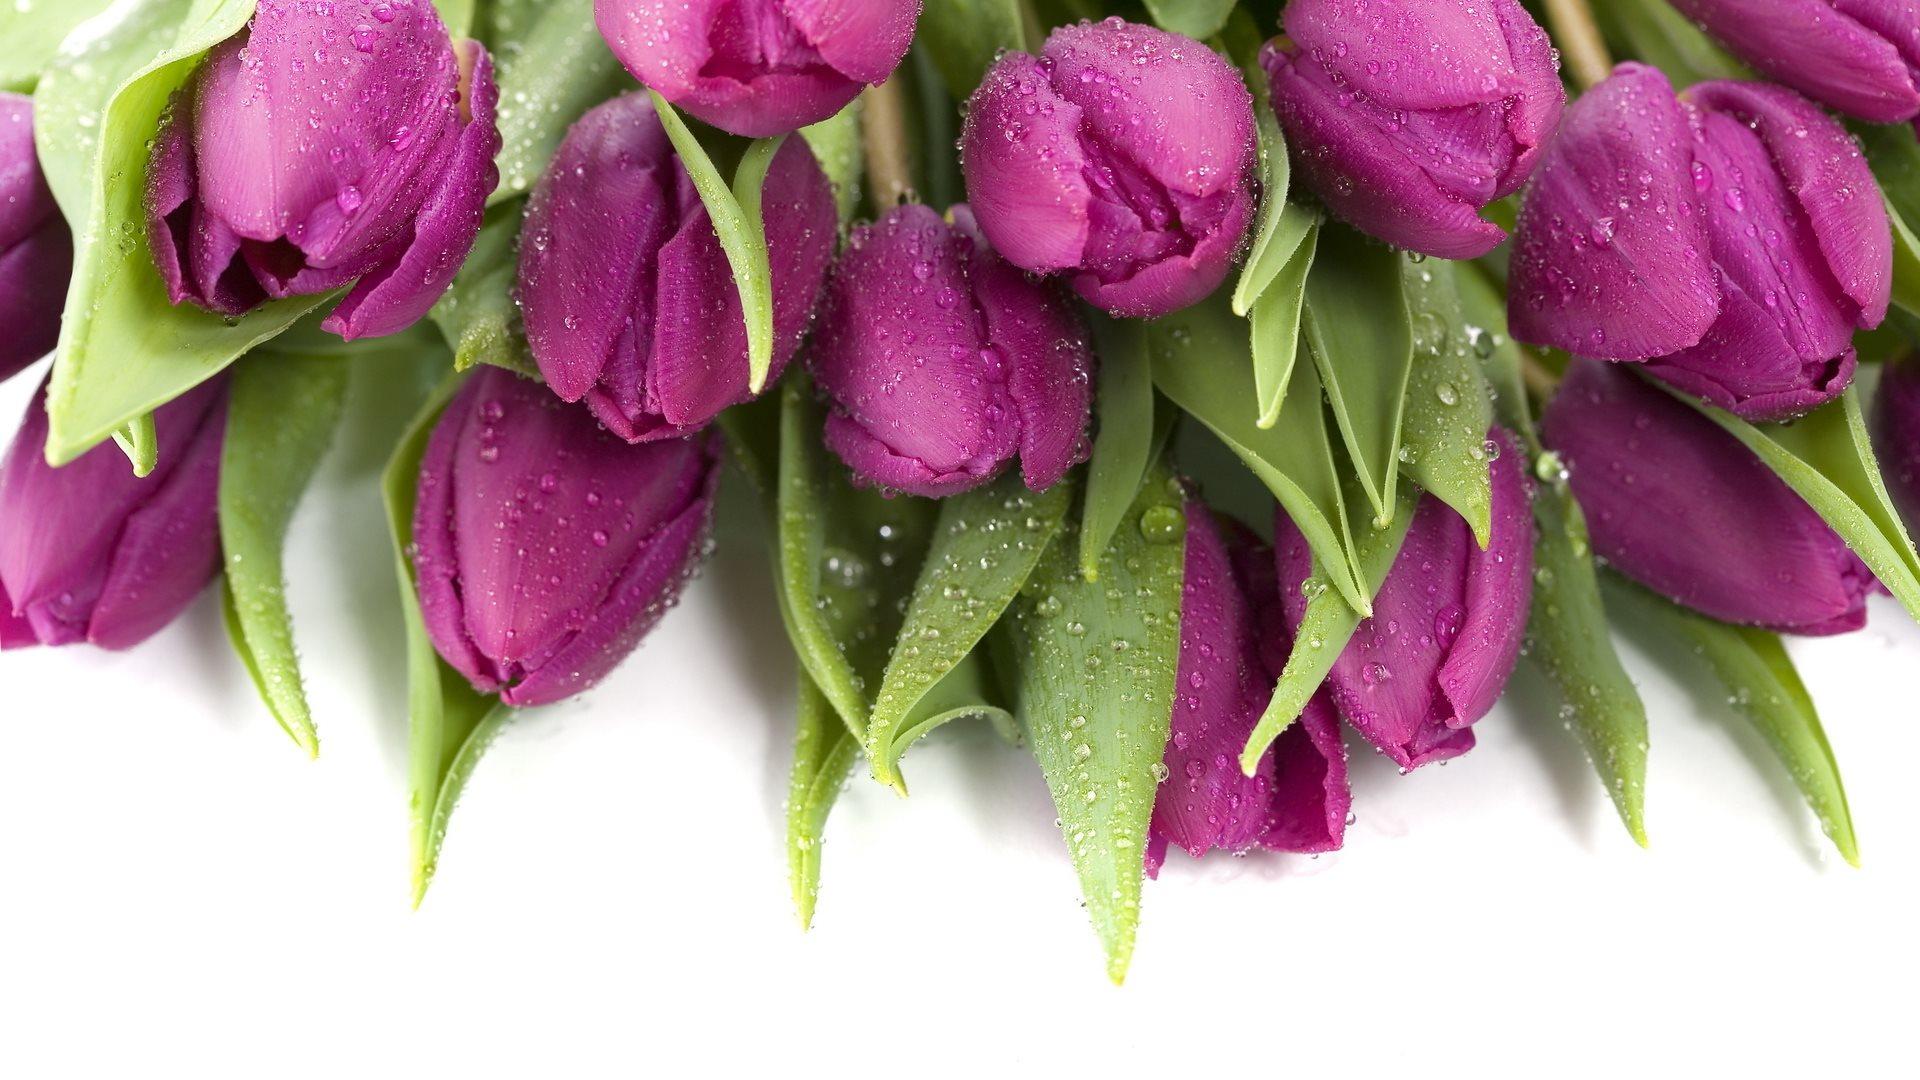 Purple Wet Tulips Wallpaper 1920x1080